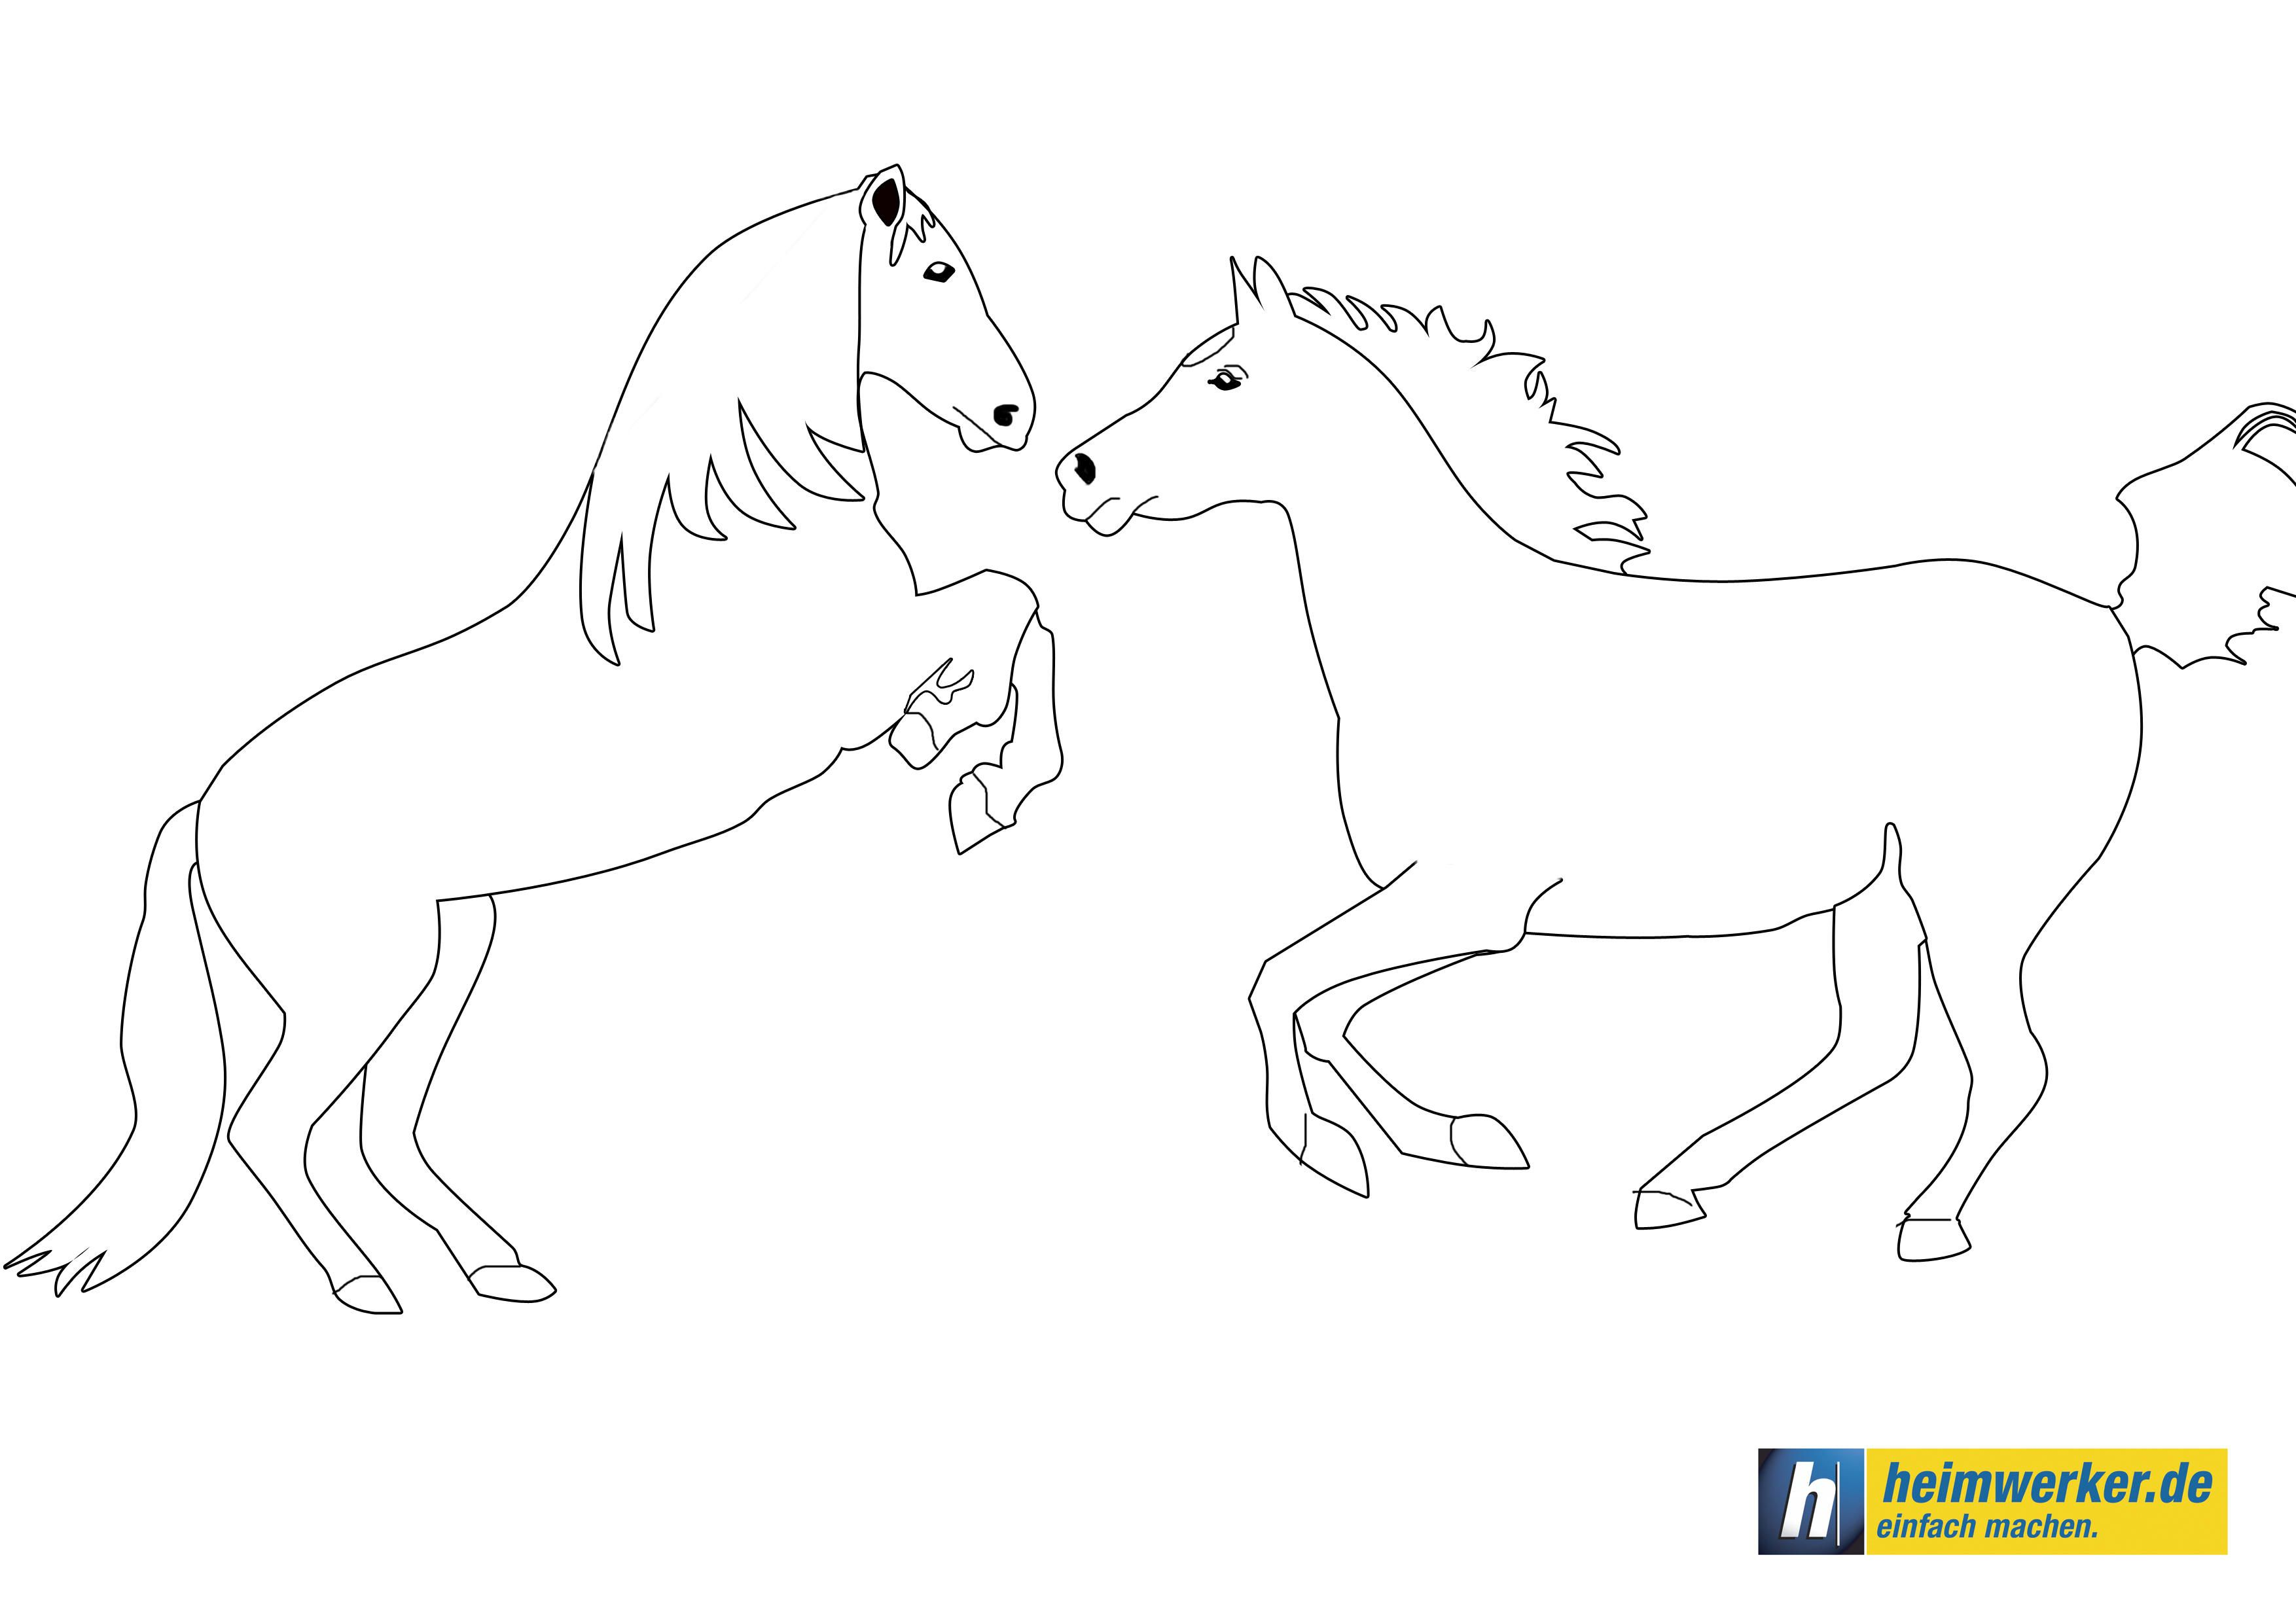 Image Result For Ausmalbilder Pferd Schalfend Ausmalen Ausmalbilder Bilder Zum Ausdrucken Kostenlos